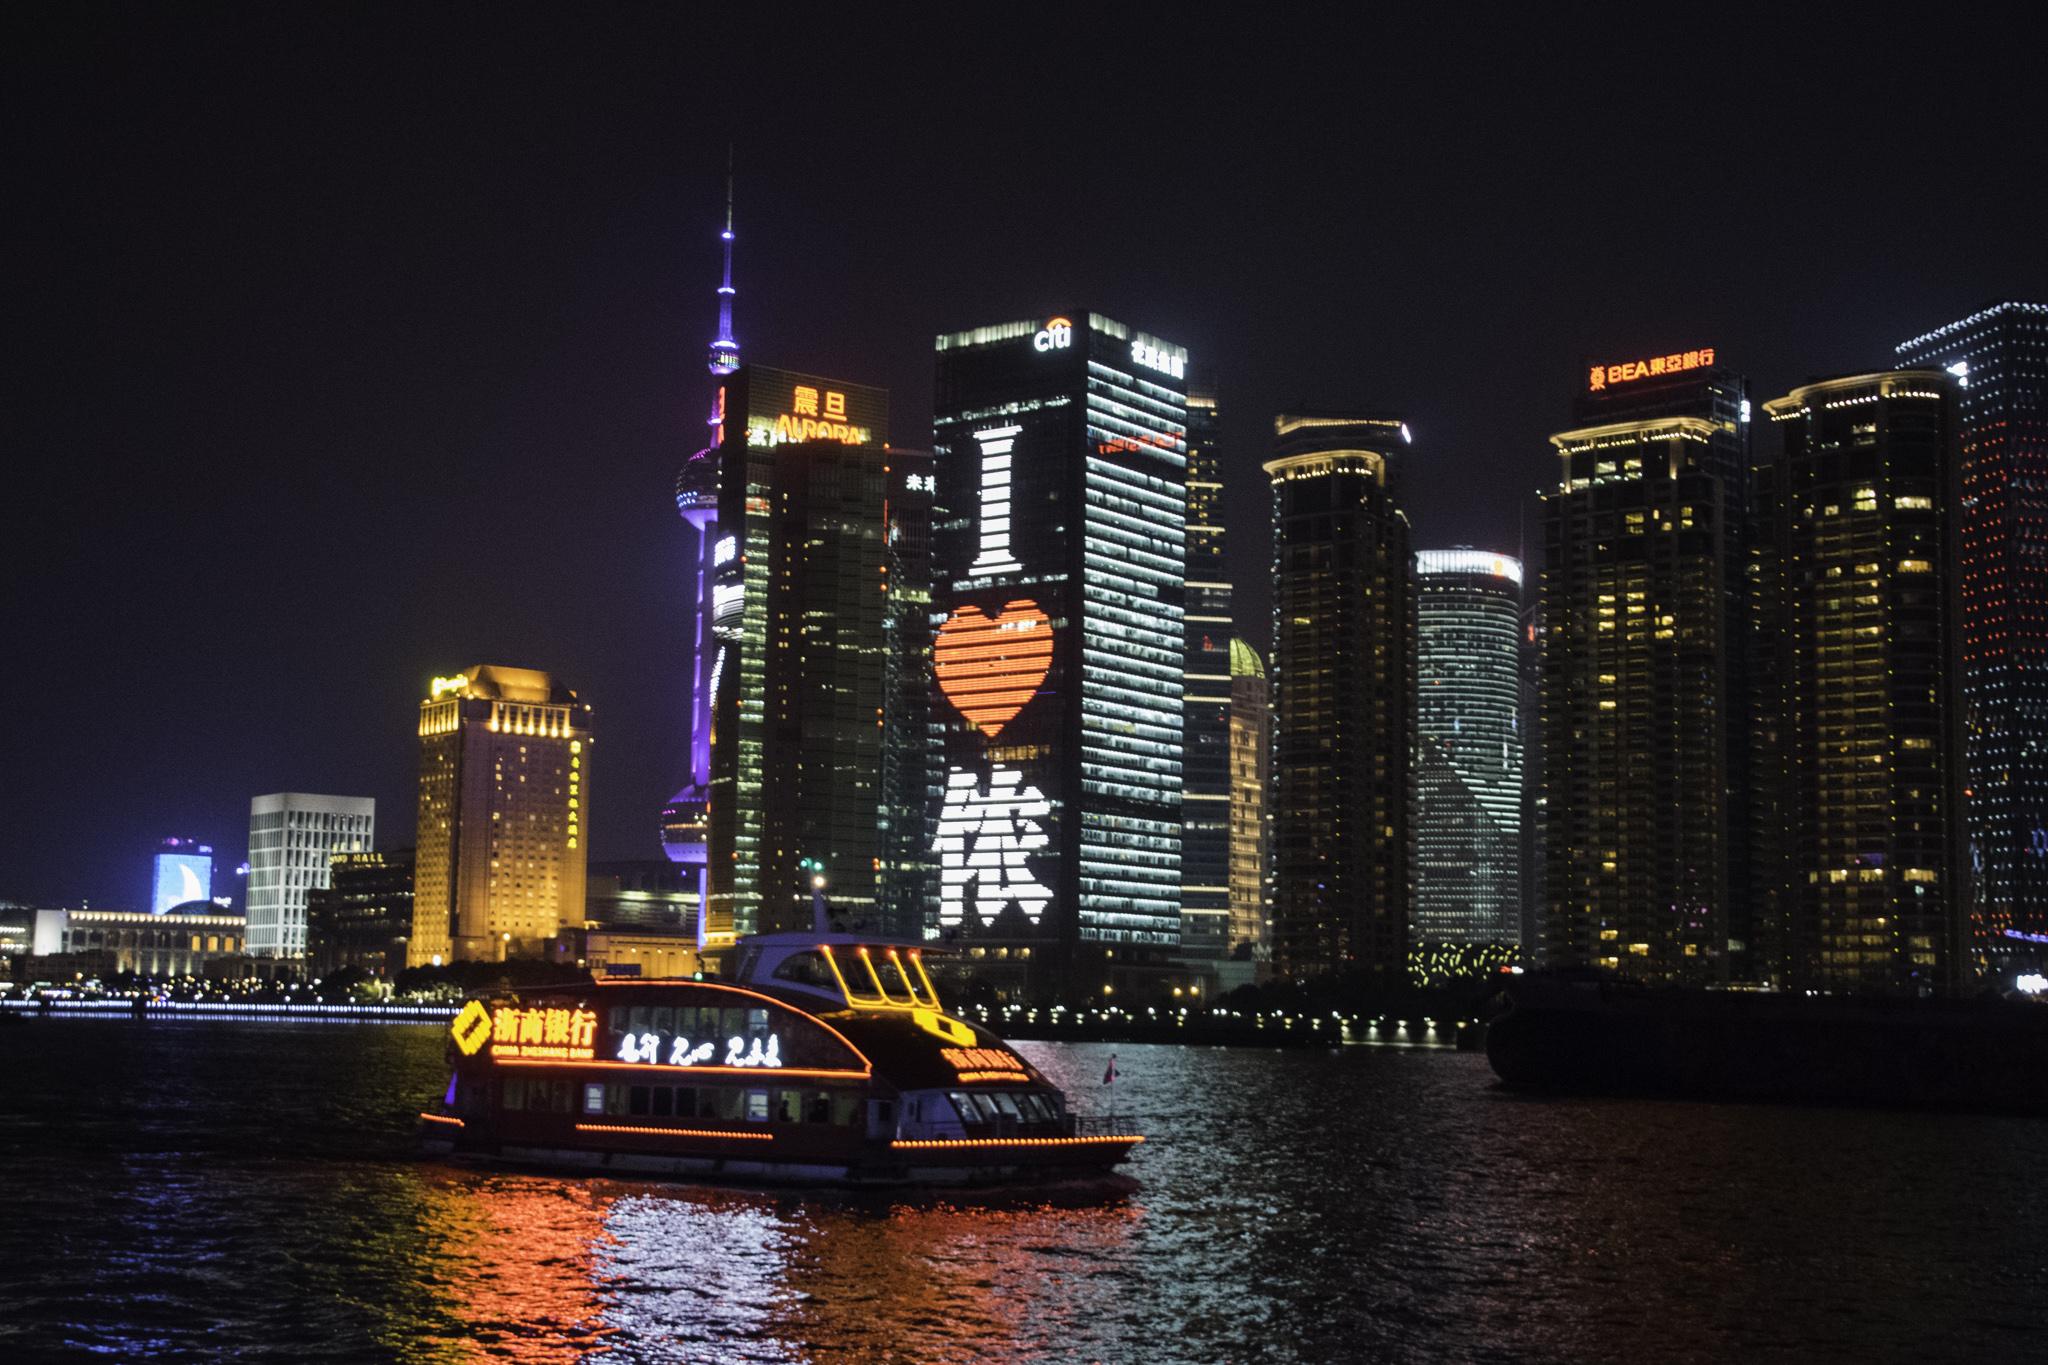 Flussfahrt durch das beleuchtete Shanghai